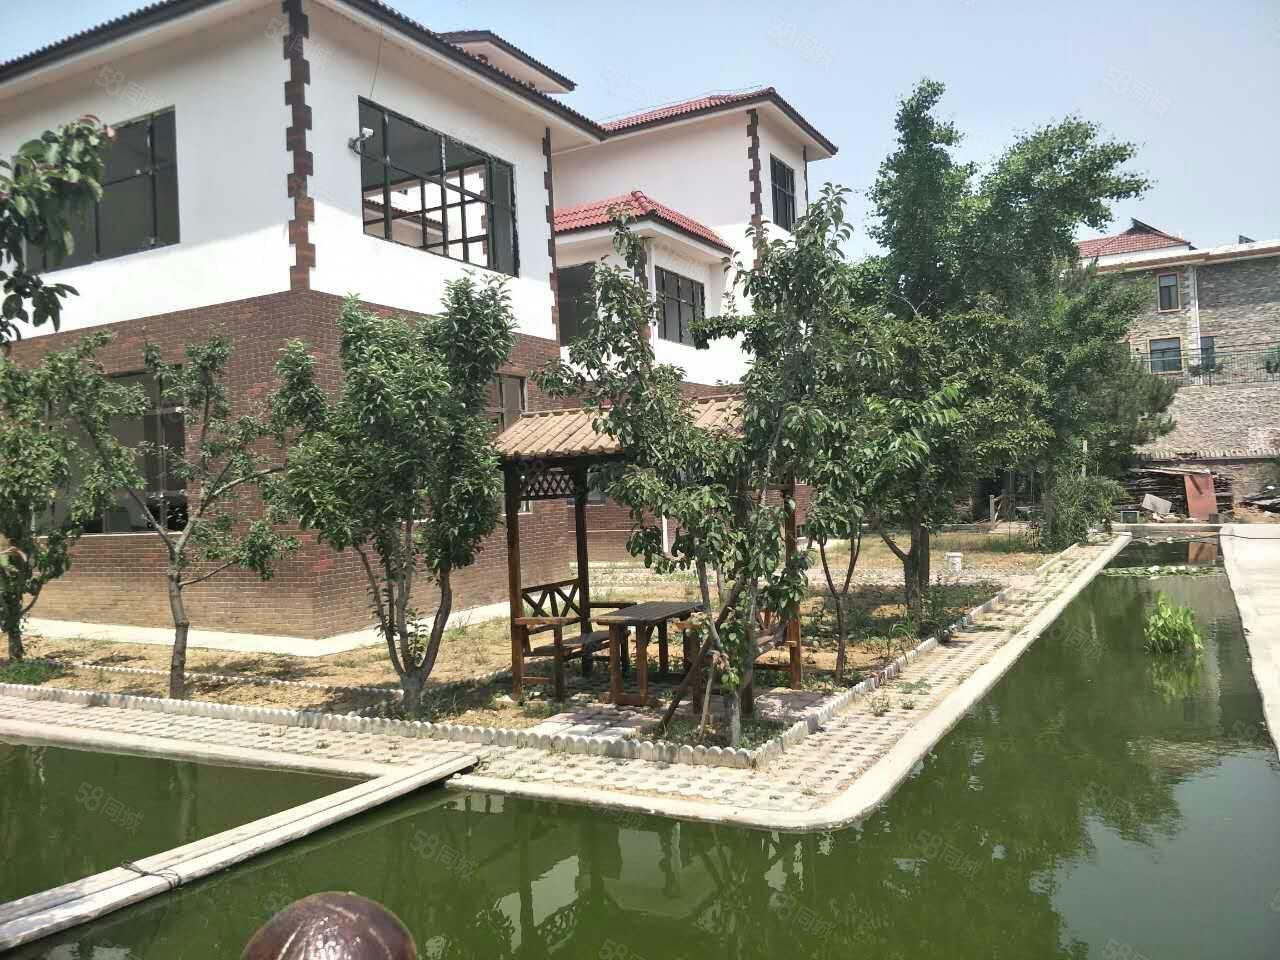 七十年大产权湖边景观房一层送花园顶层送露台高端住宅区